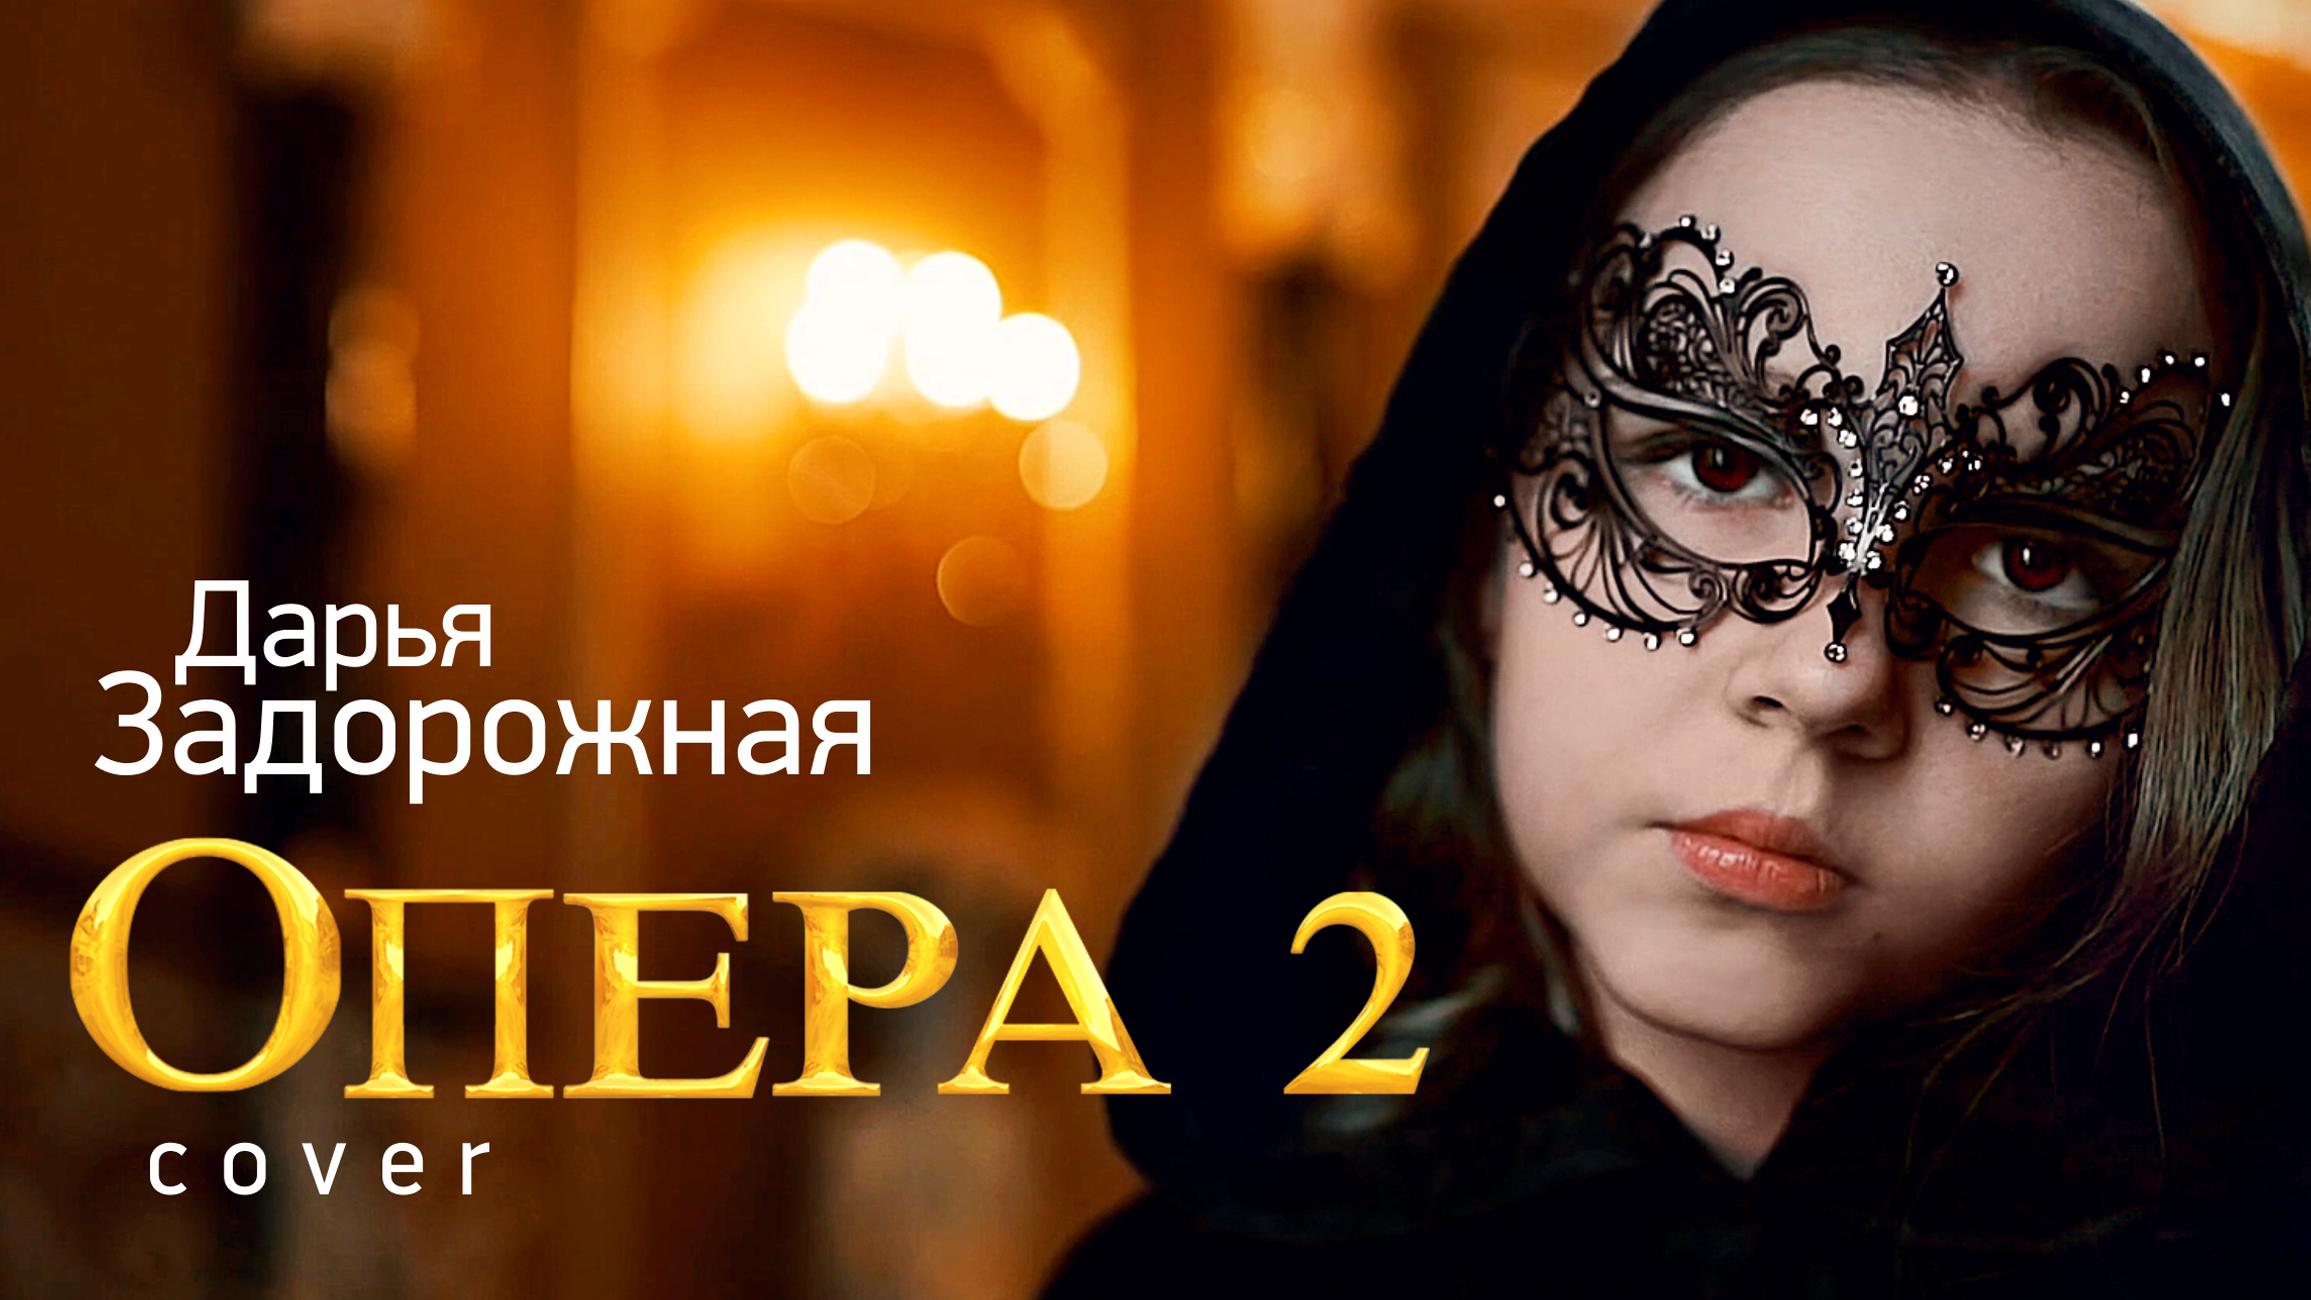 Клип Опера 2 в исполнении Дарьи Задорожной (Cover Vitas Opera 2)